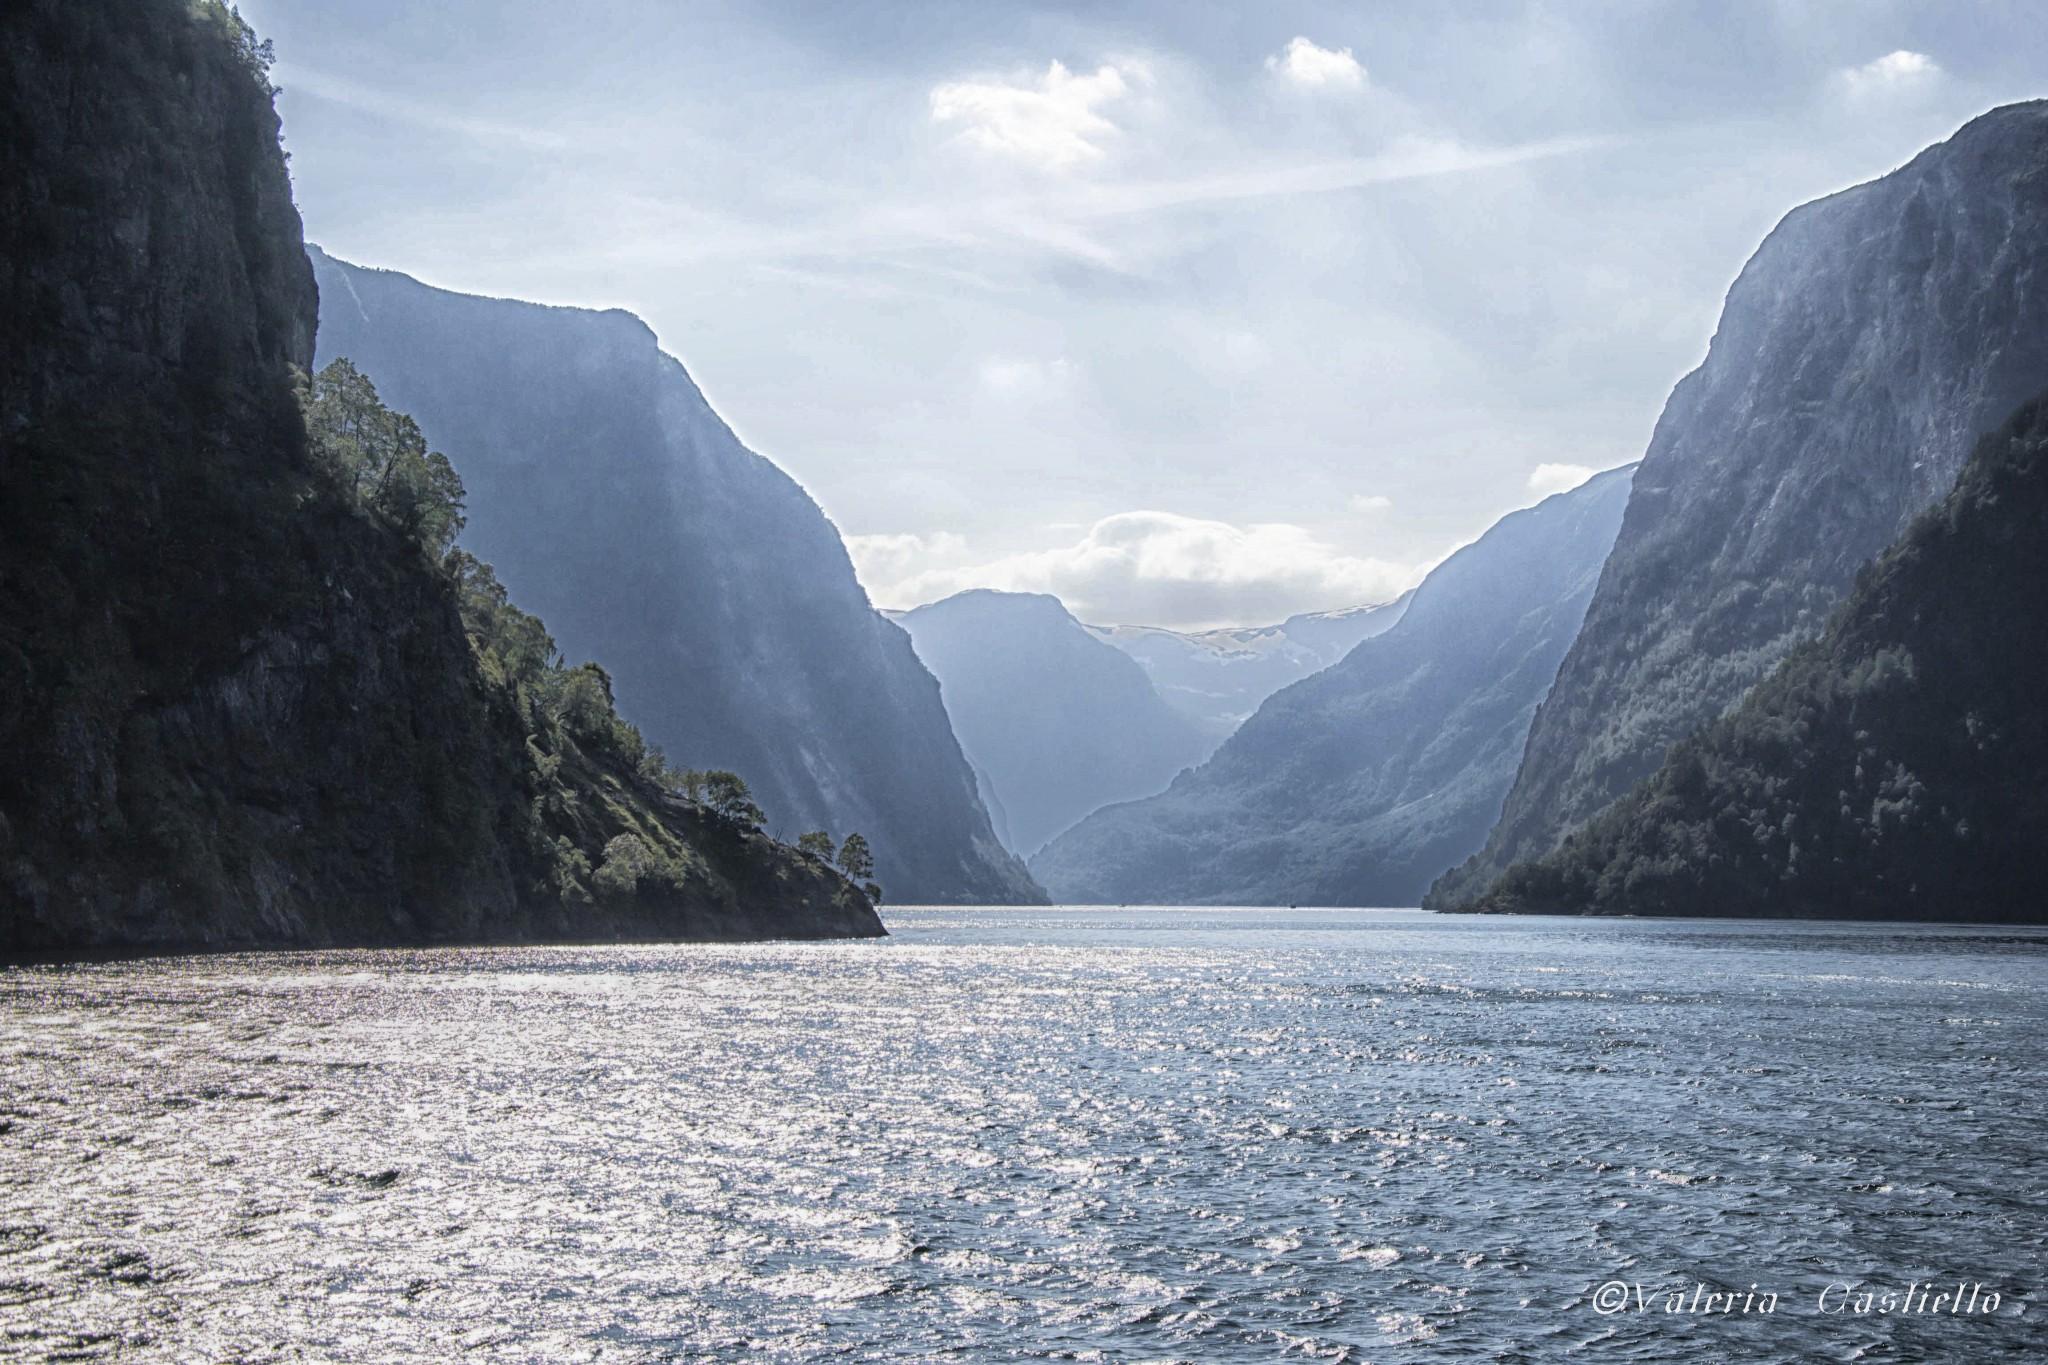 Sognefjord in a Nutshell - viaggio nel fiordo più profondo della Norvegia